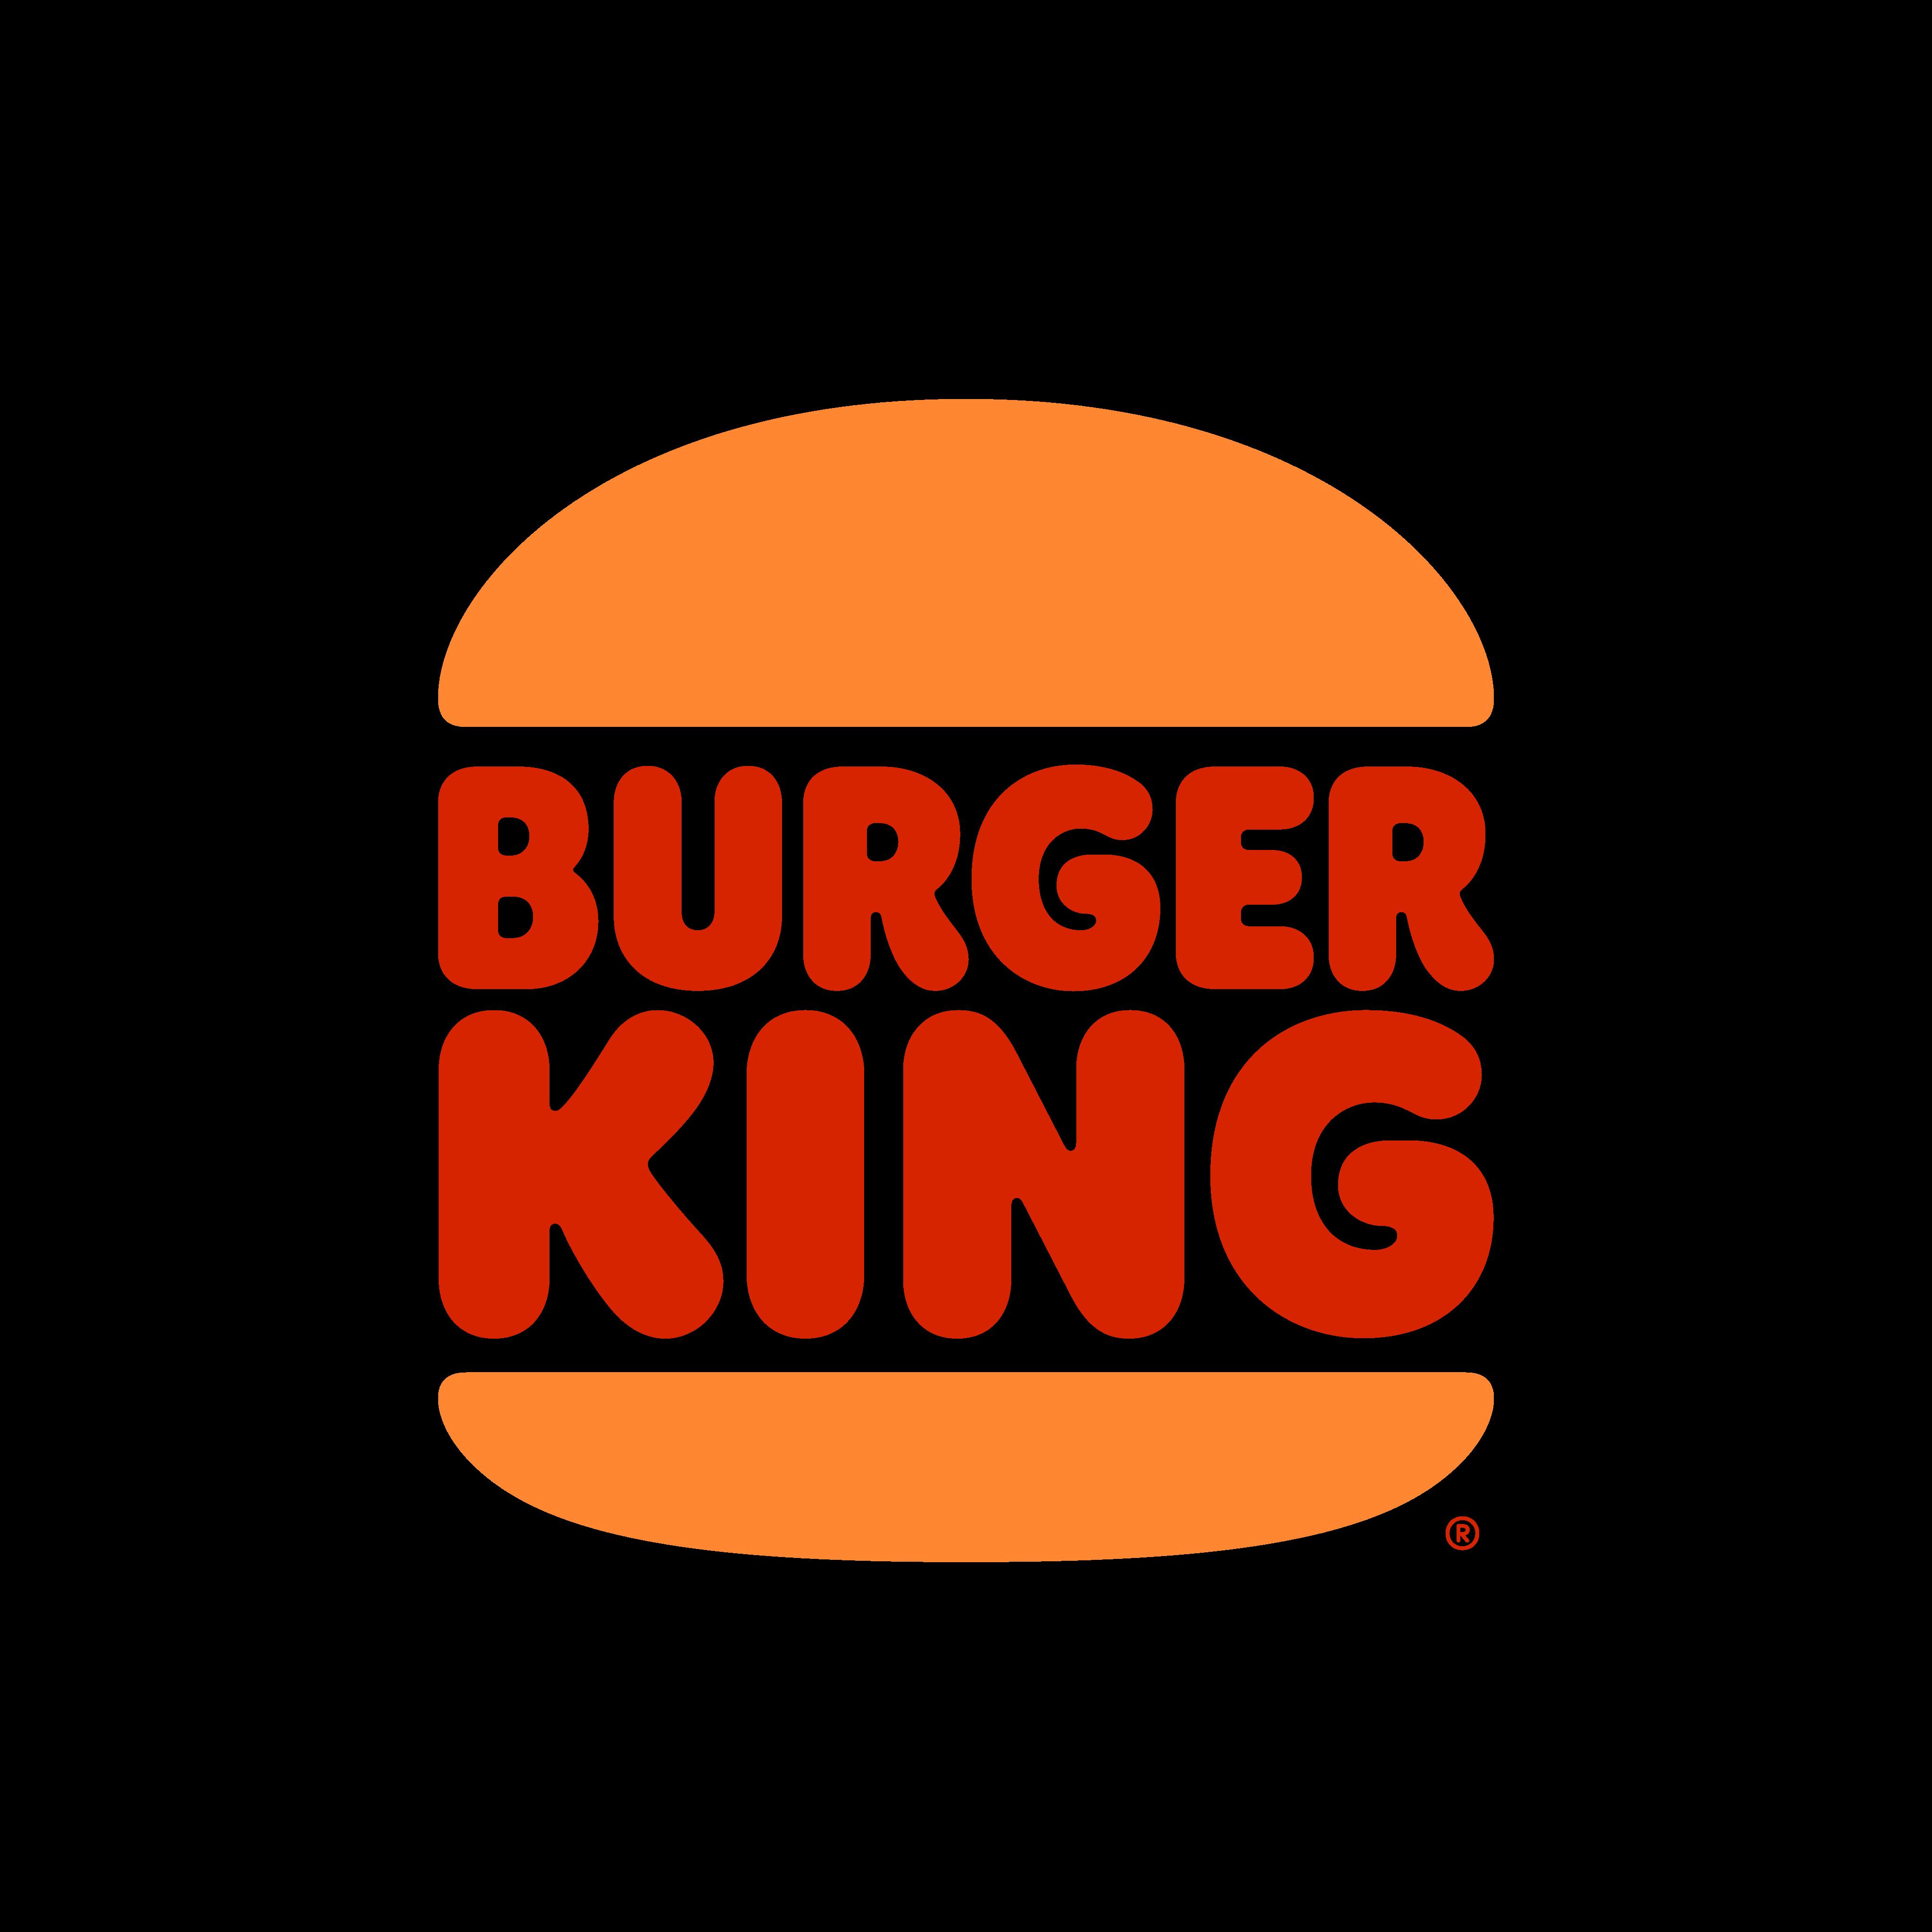 burguer king logo 0 - Burger King Logo (2021)